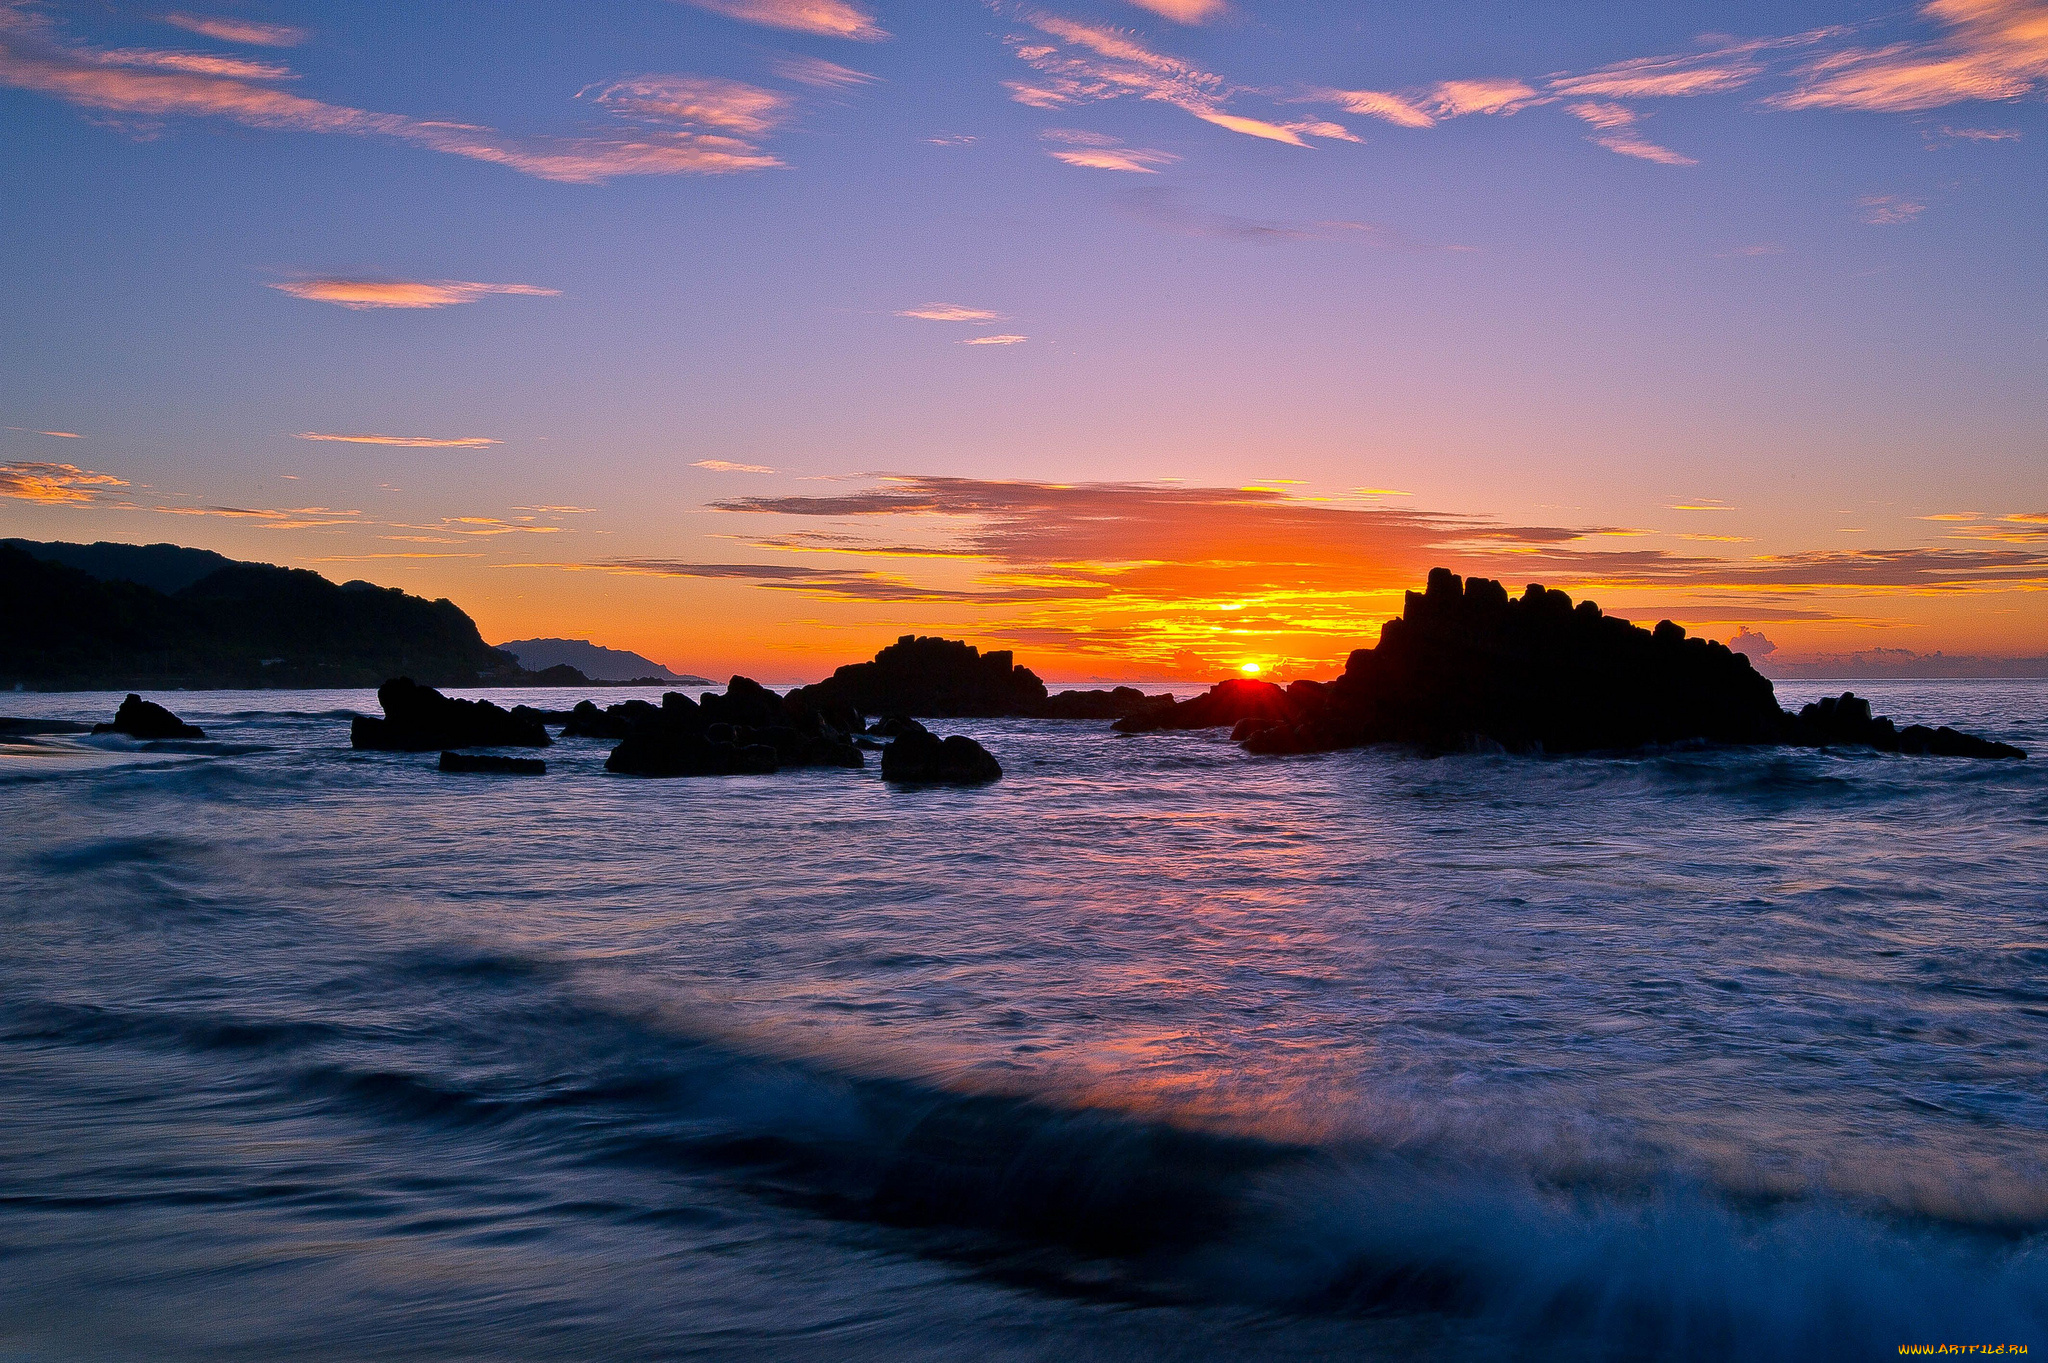 закат море горы скалы бесплатно